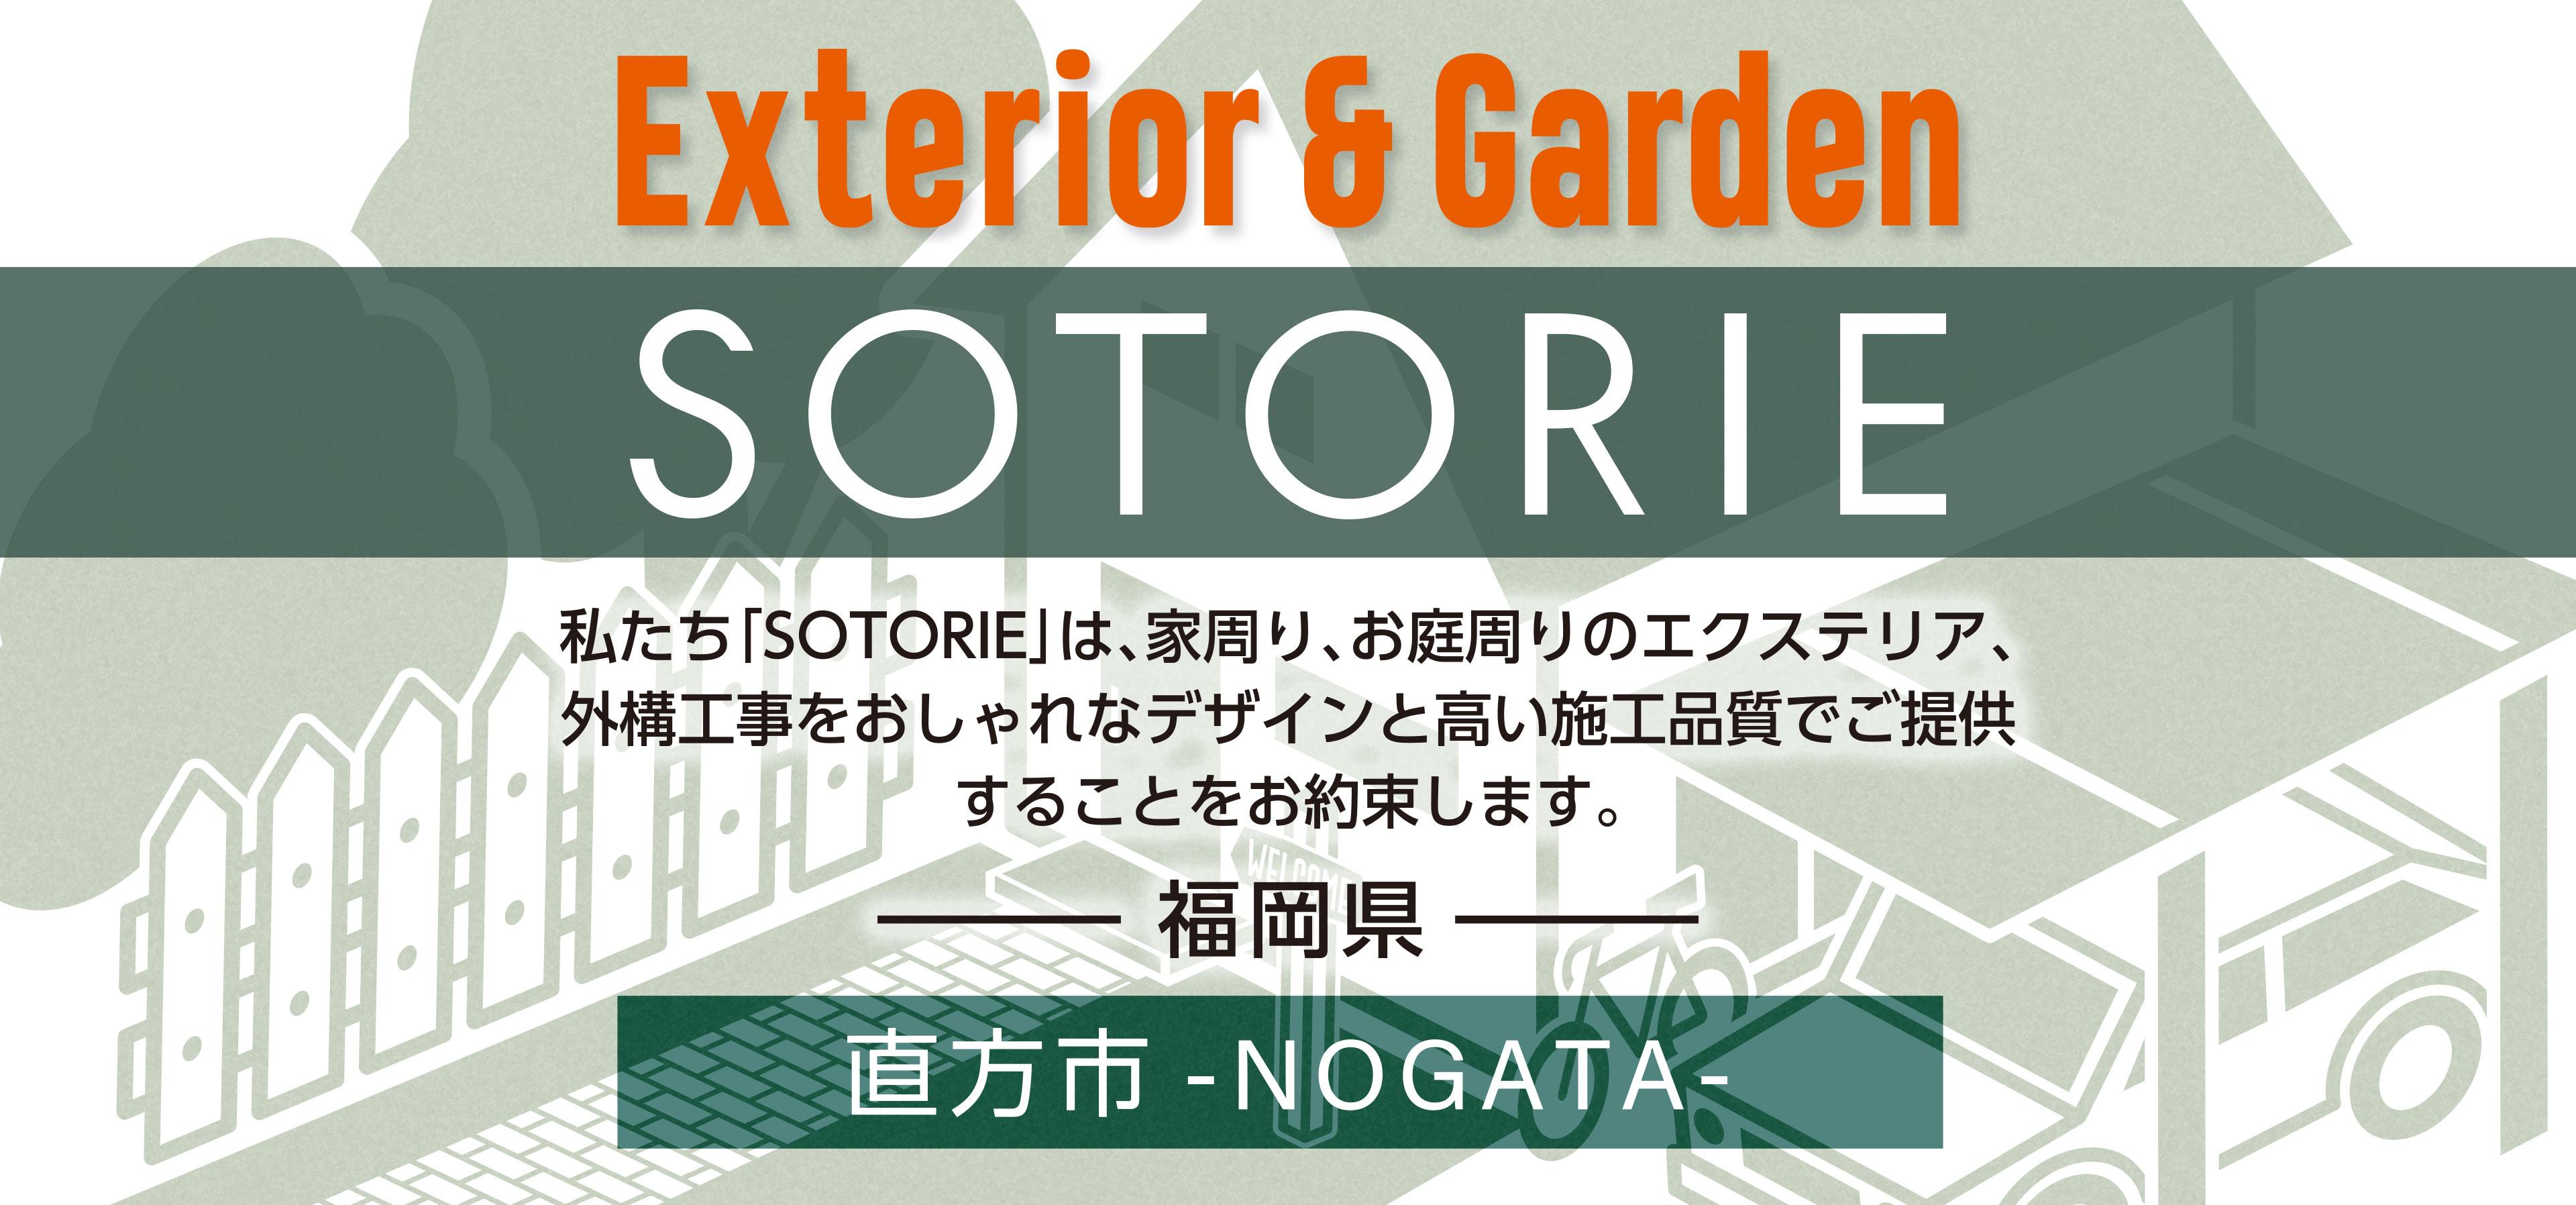 ソトリエ直方市では、家周りと庭周りの外構、エクステリア工事をおしゃれなデザインと高い施工品質でご提供することをお約束します。